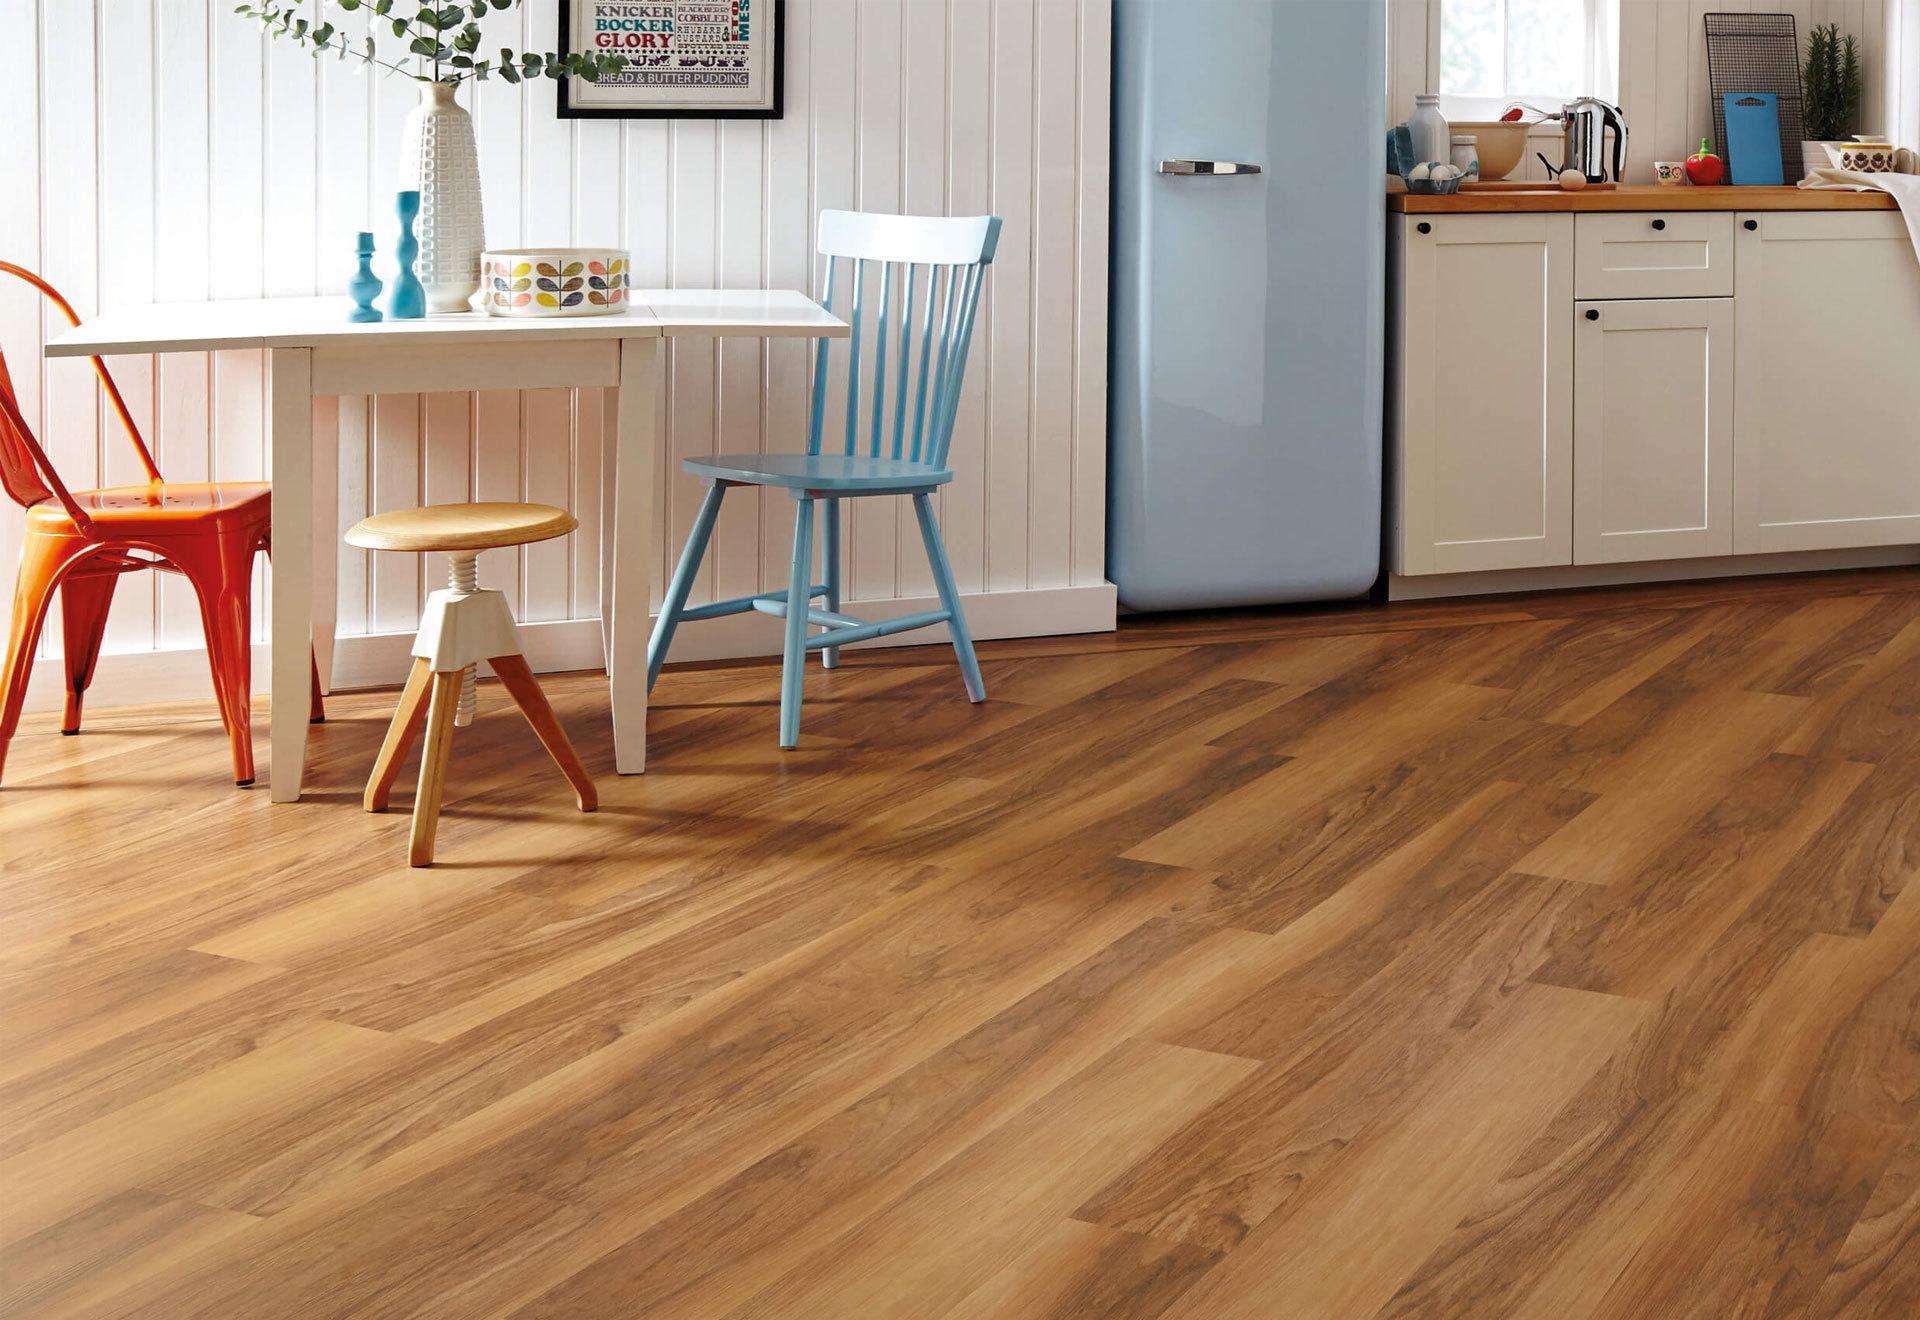 Flooring specialist in Nottingham  Carpet  Wood